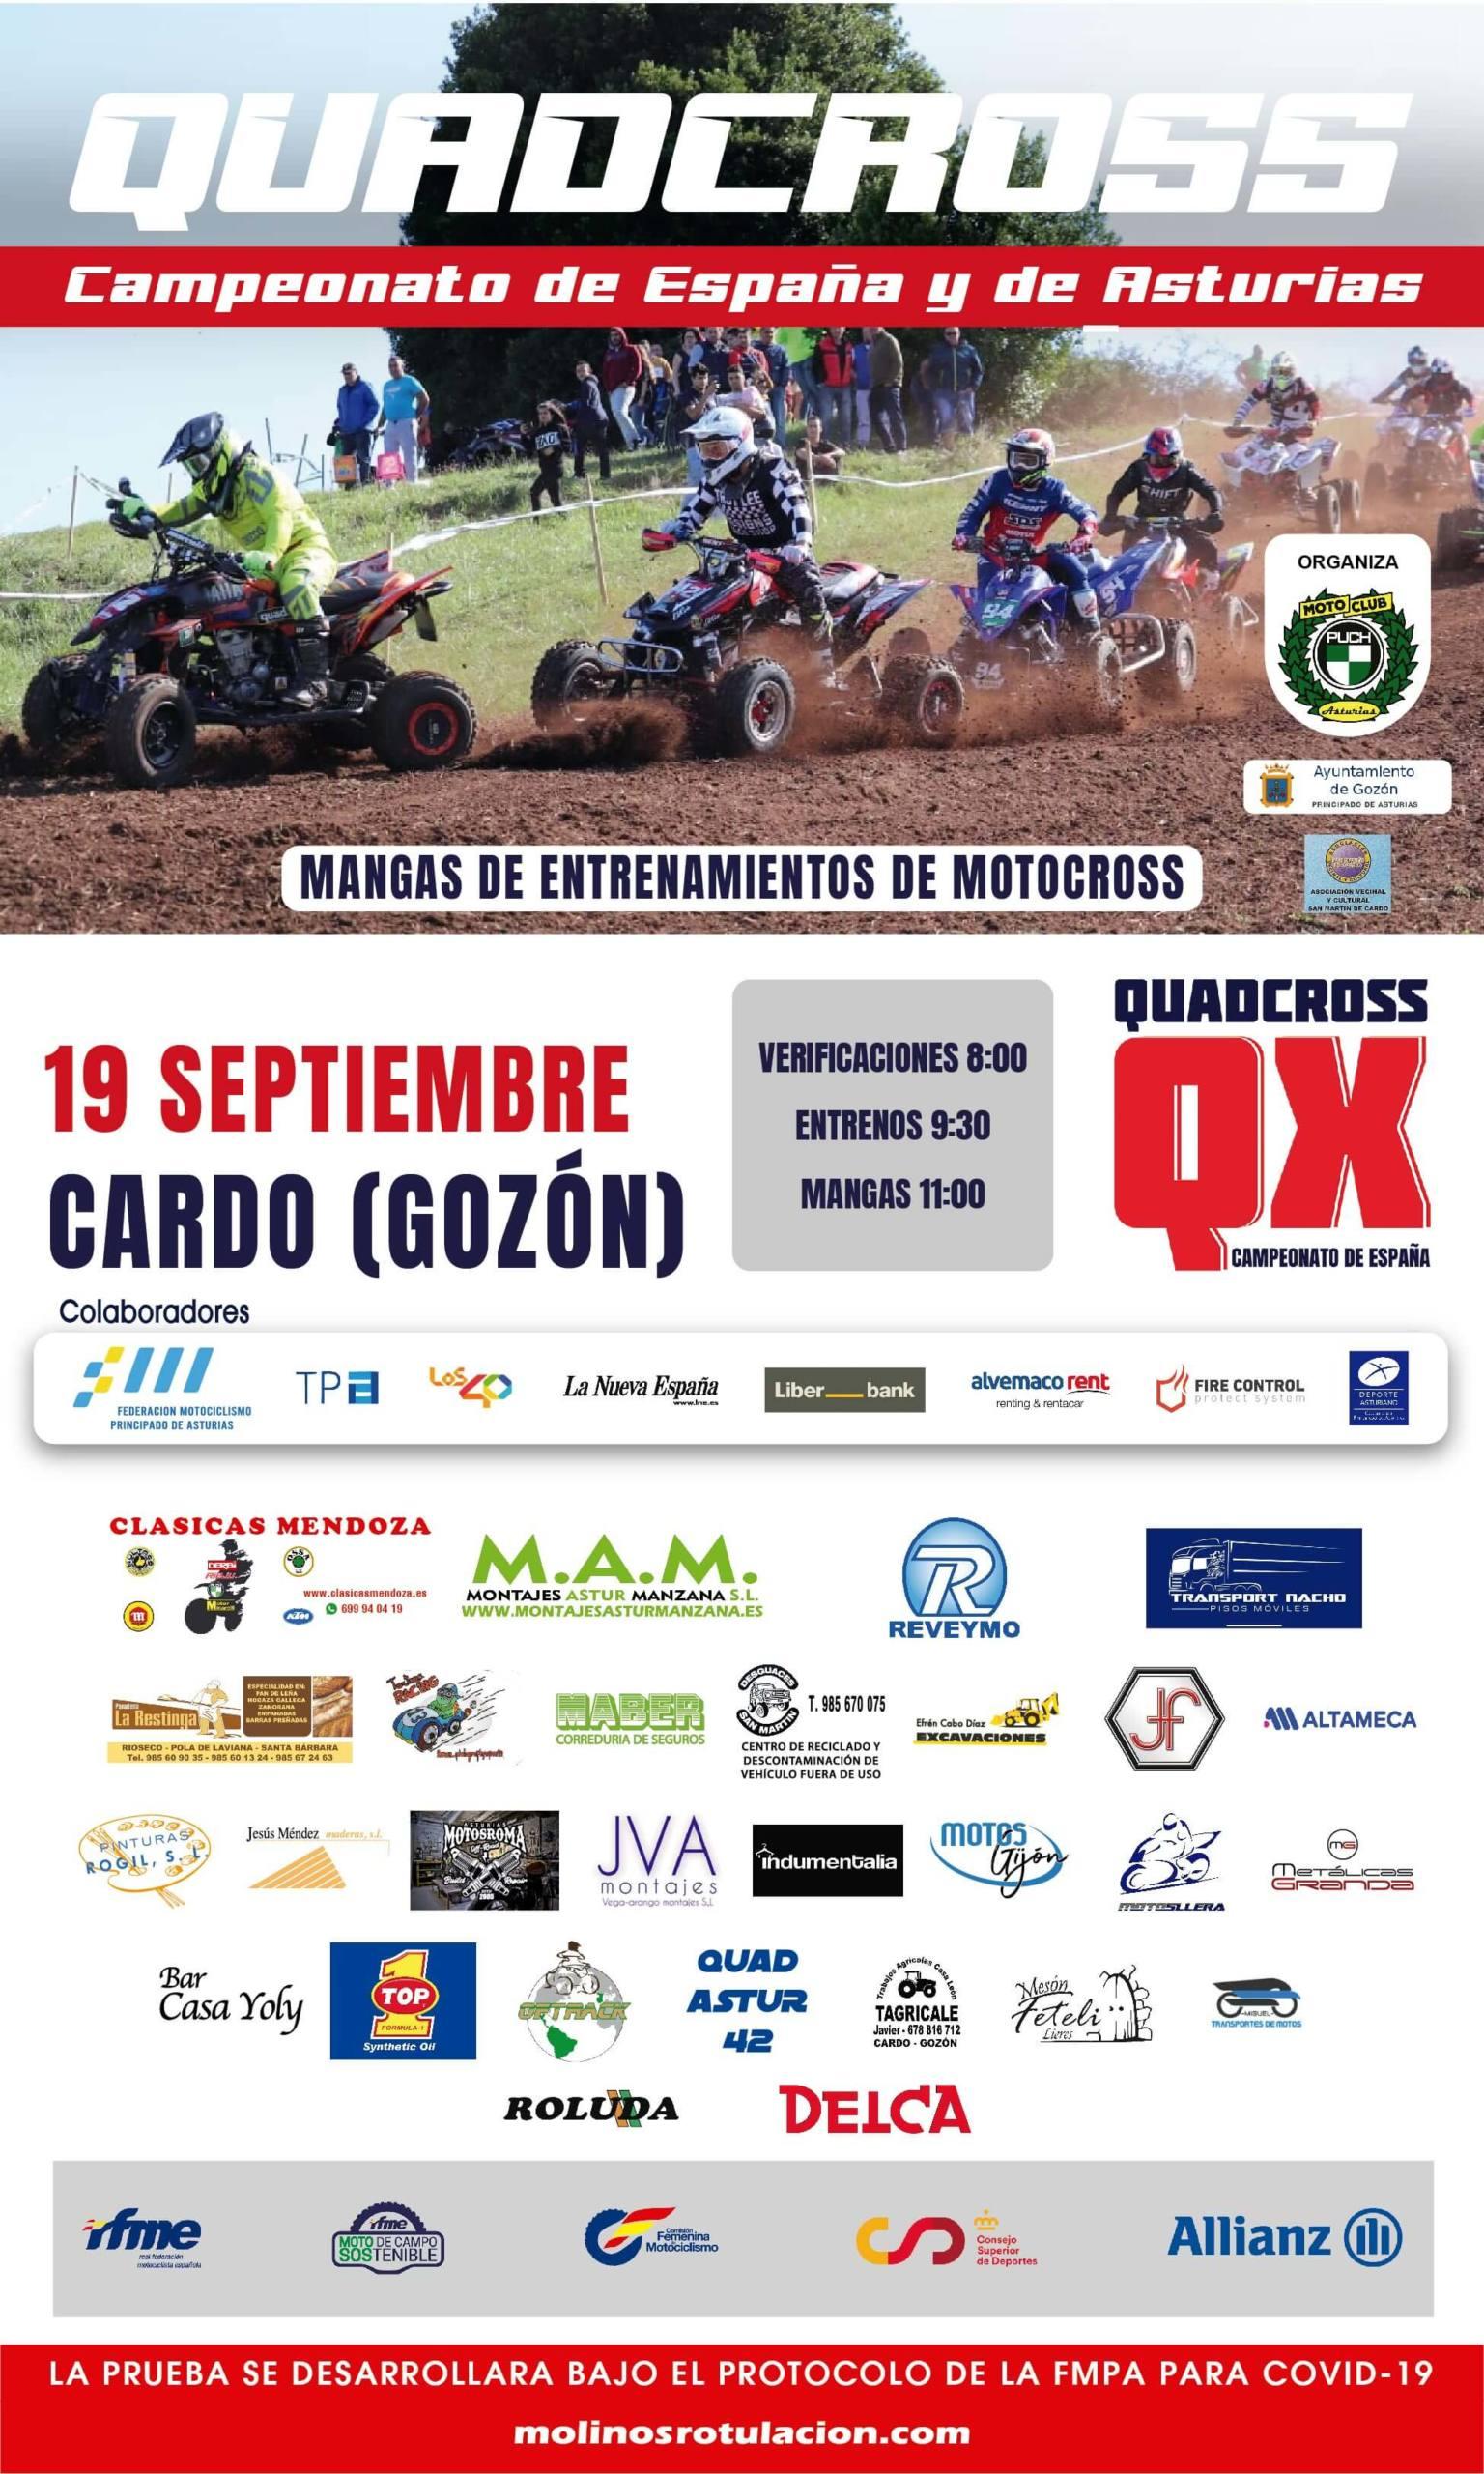 Quadcross en Cardo, Gozón, Asturias